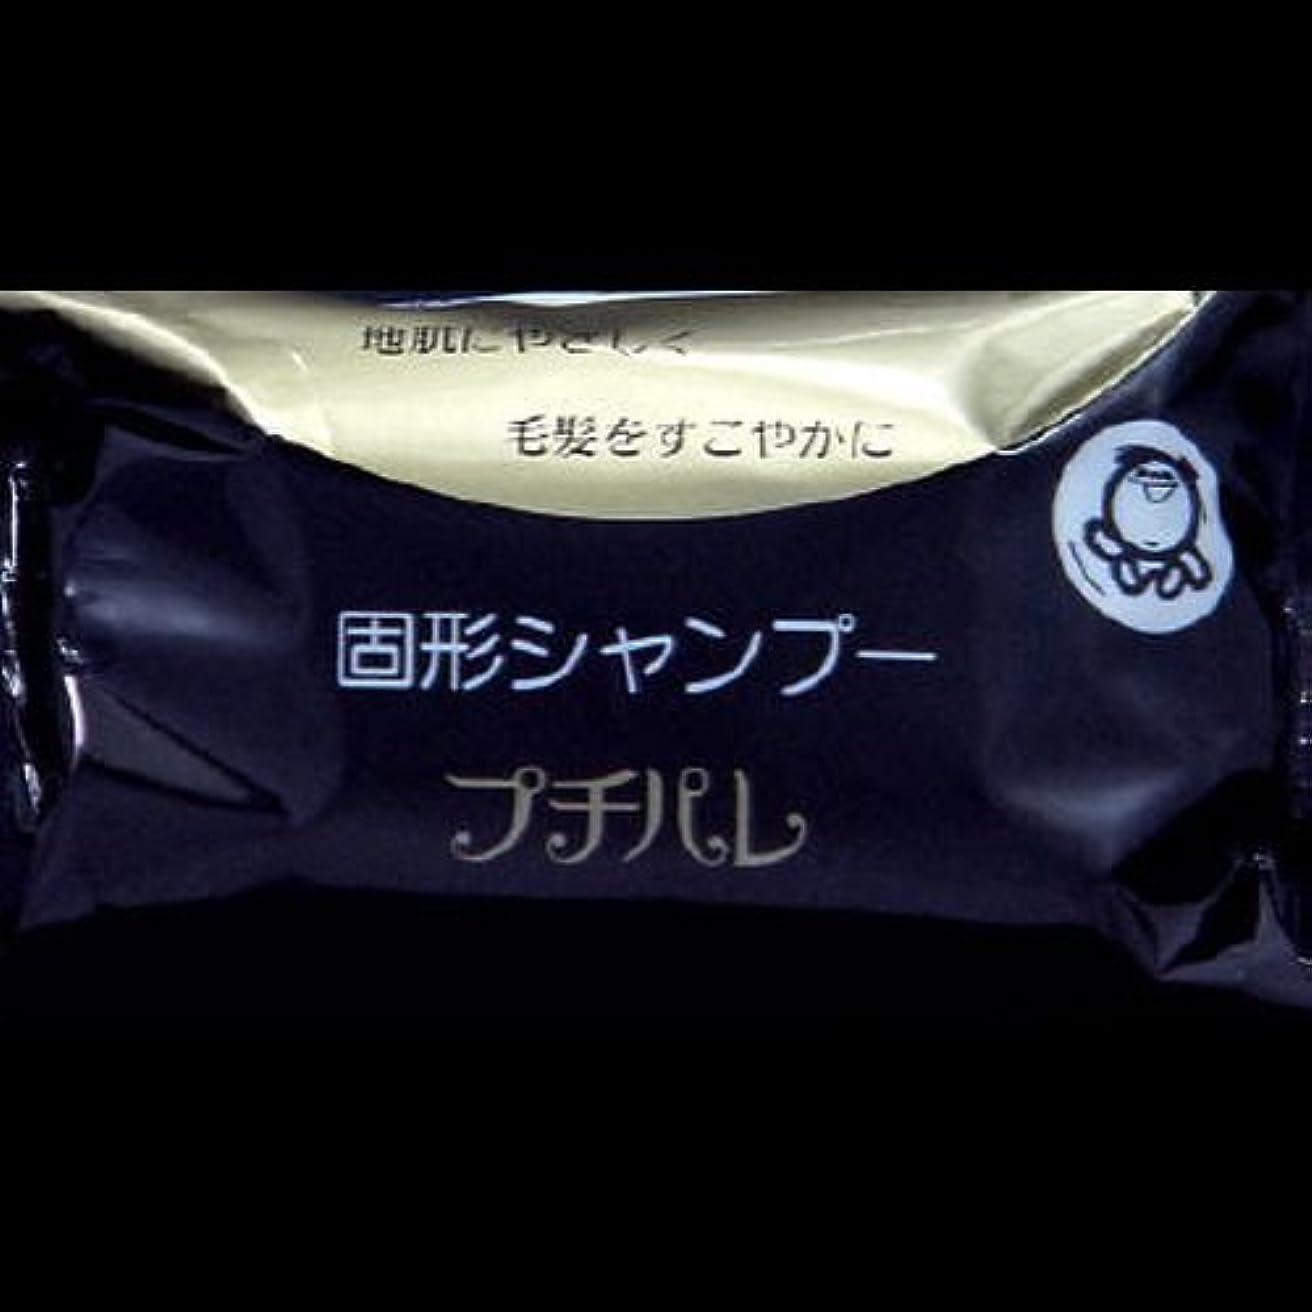 確認用量認める【まとめ買い】固形シャンプー プチパレ ×2セット